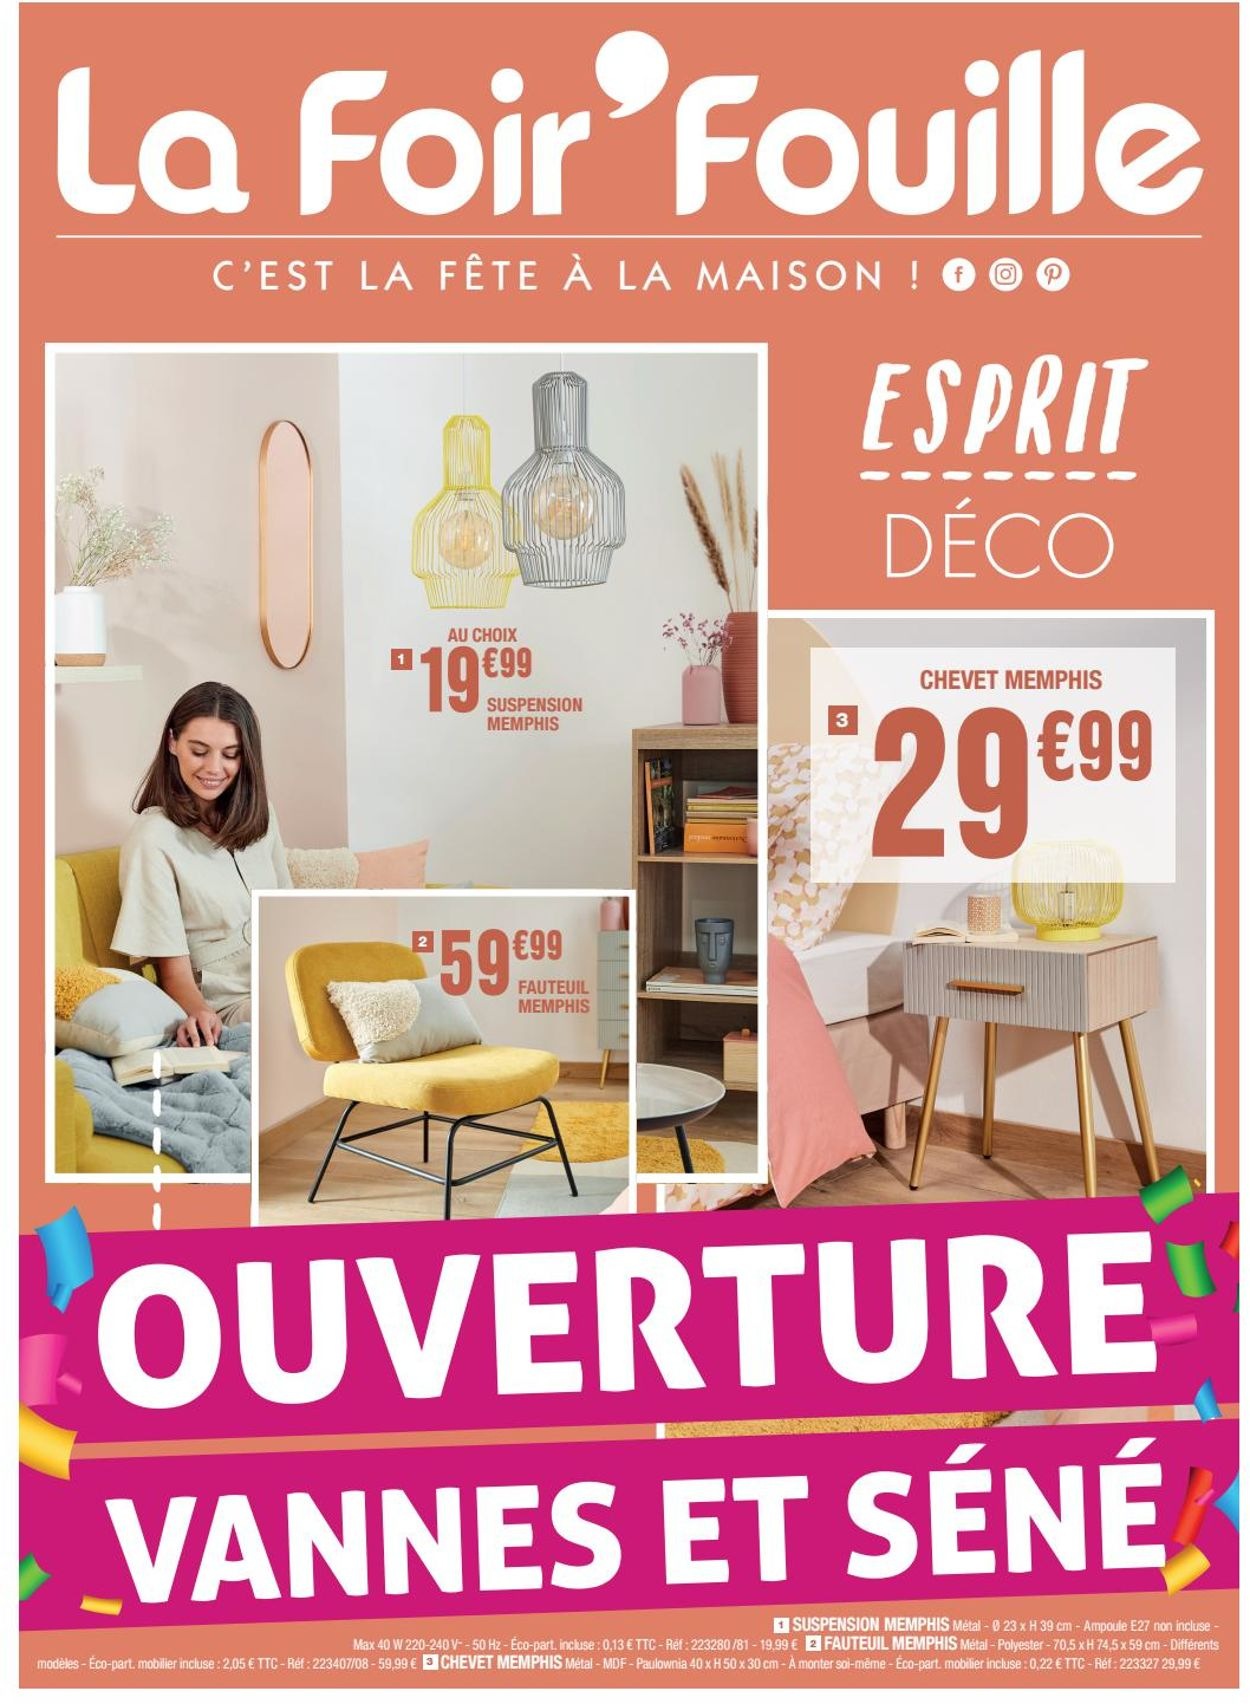 La Foir'Fouille Catalogue Actuel 12.08 - 19.08.2020 ... intérieur Fauteuil Memphis Conforama